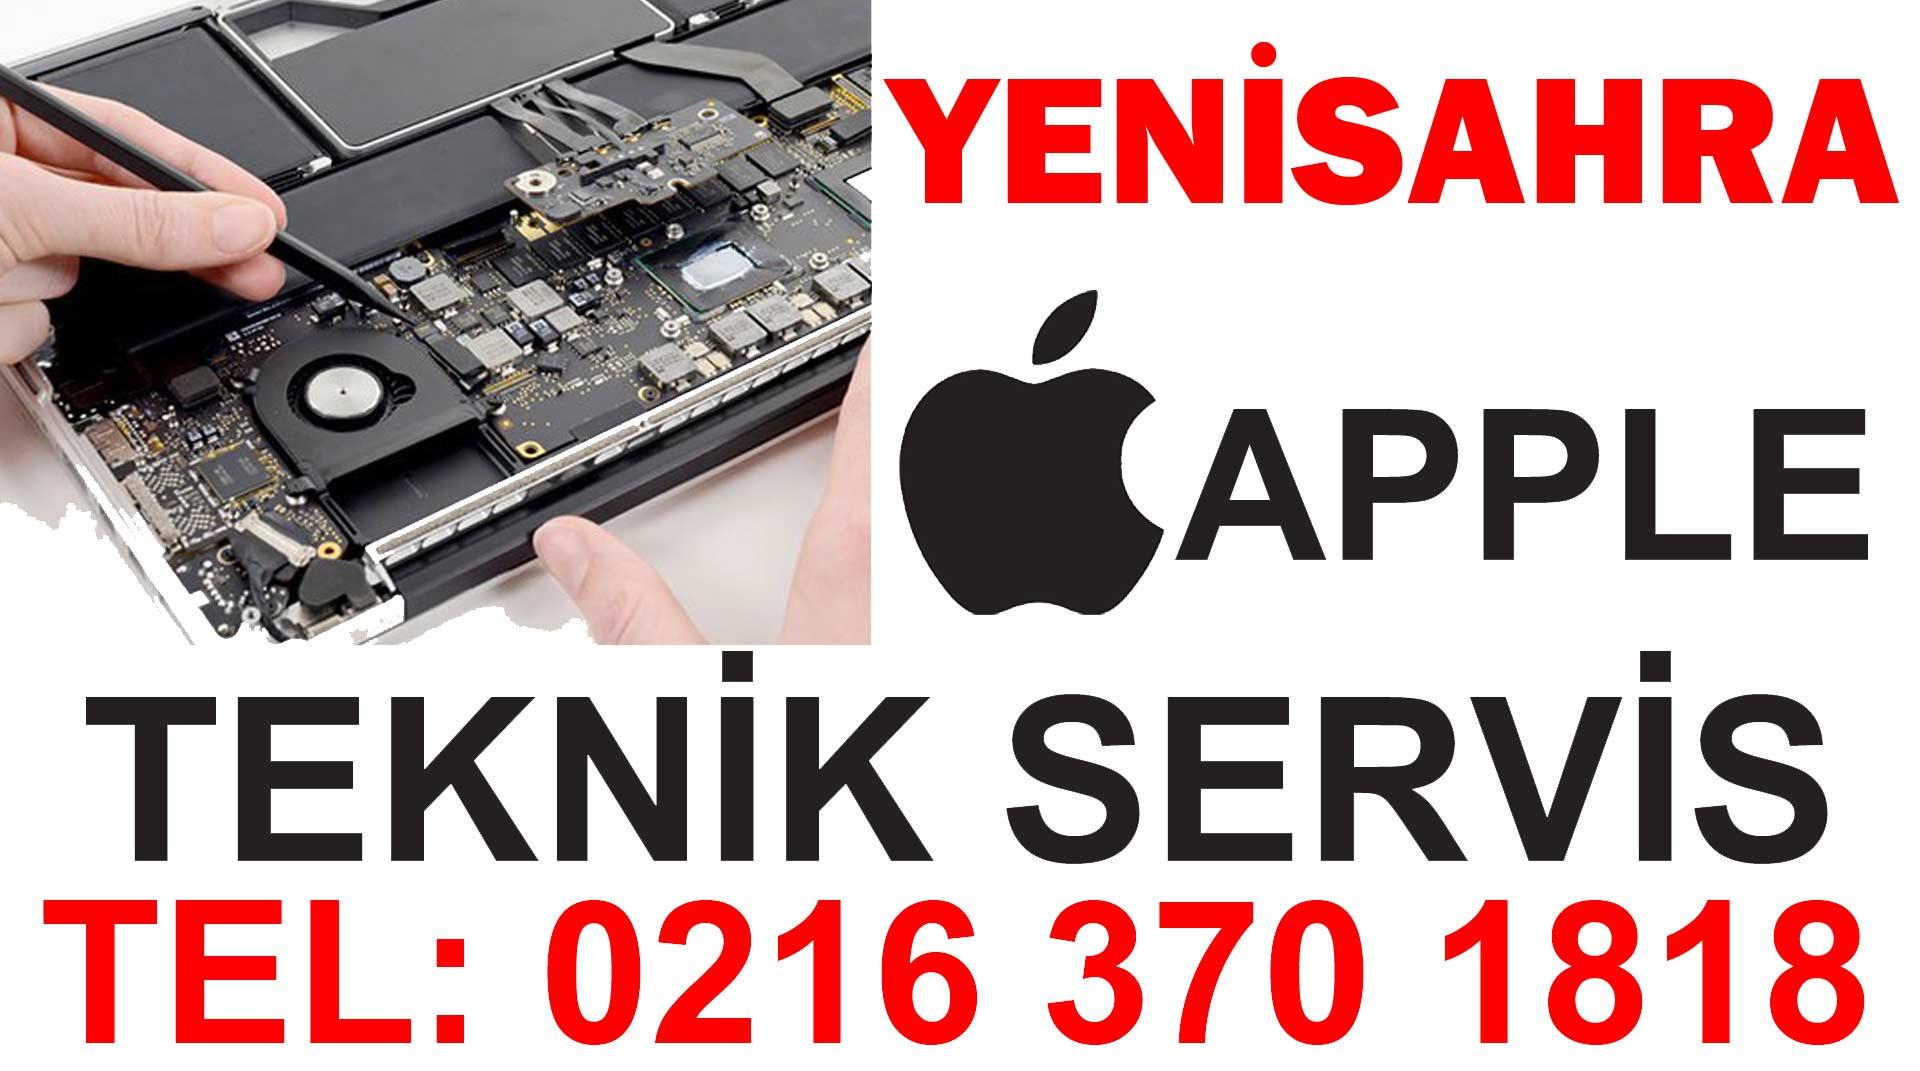 Yenisahra Apple Servisi